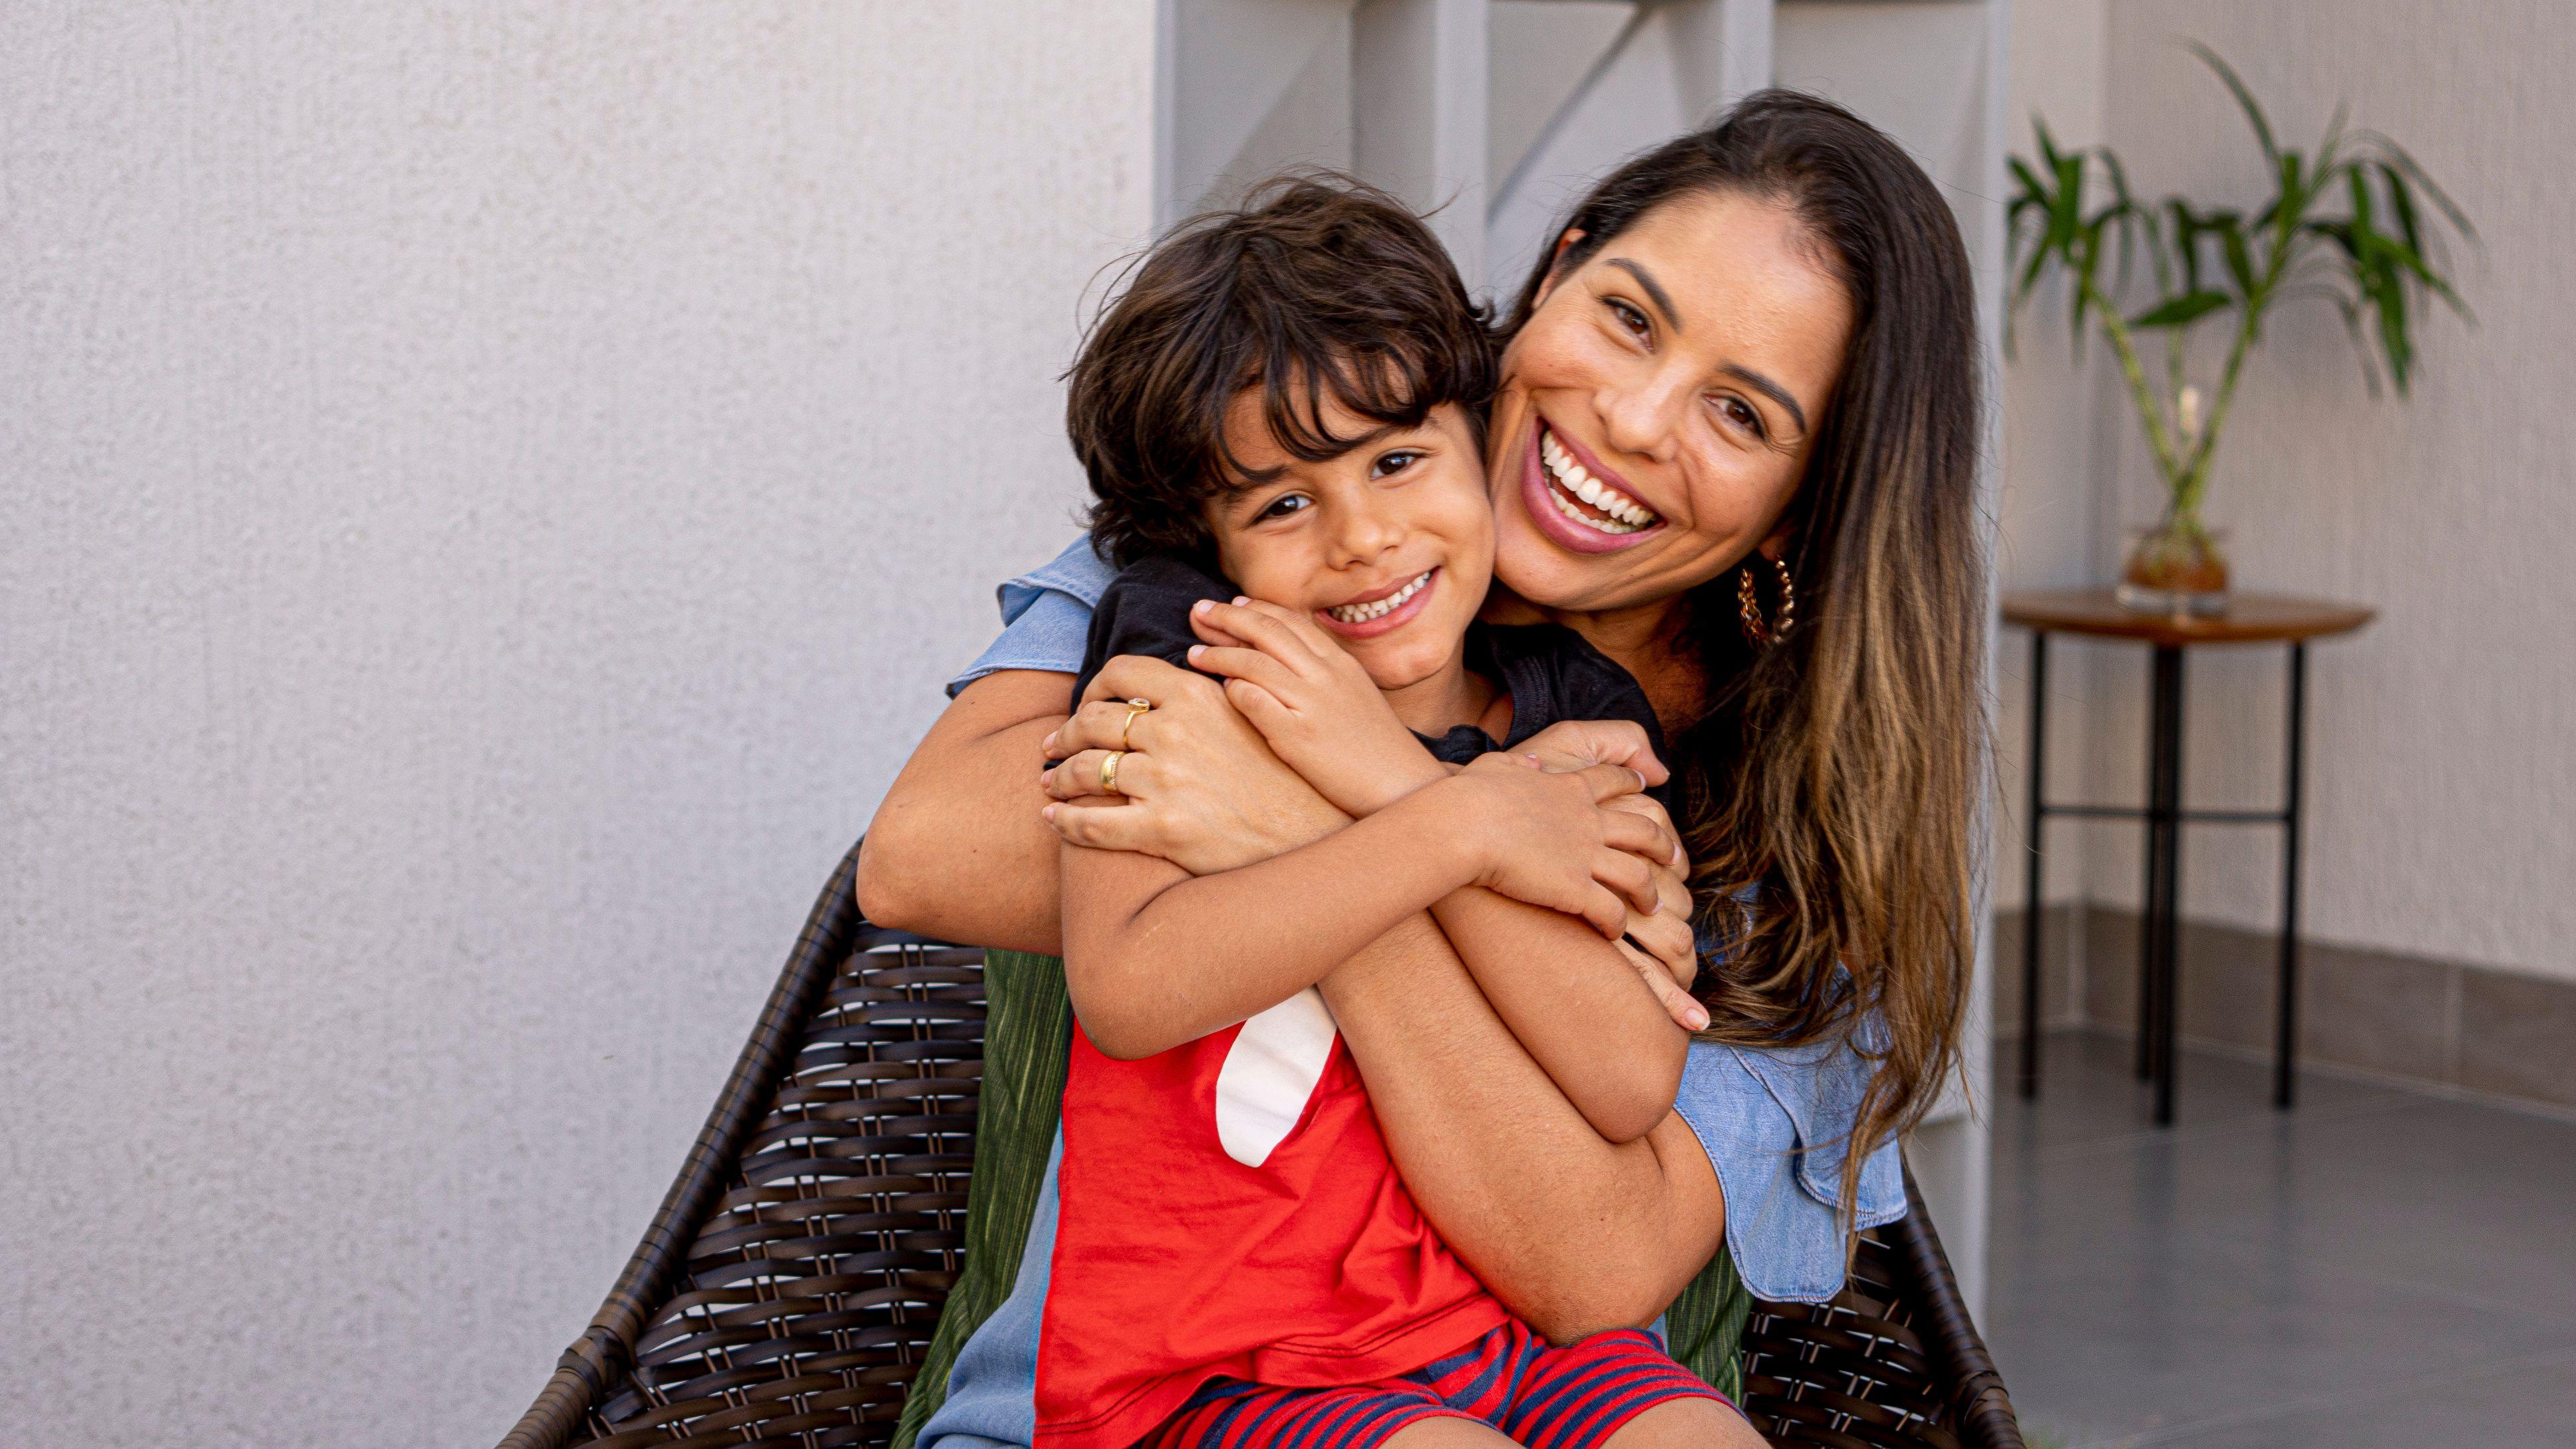 122d413c ec0d 411b a731 396d519d4347 No Dia das Mães, Taguatinga Shopping propõe homenagens e diverte clientes com programação especial em suas redes sociais